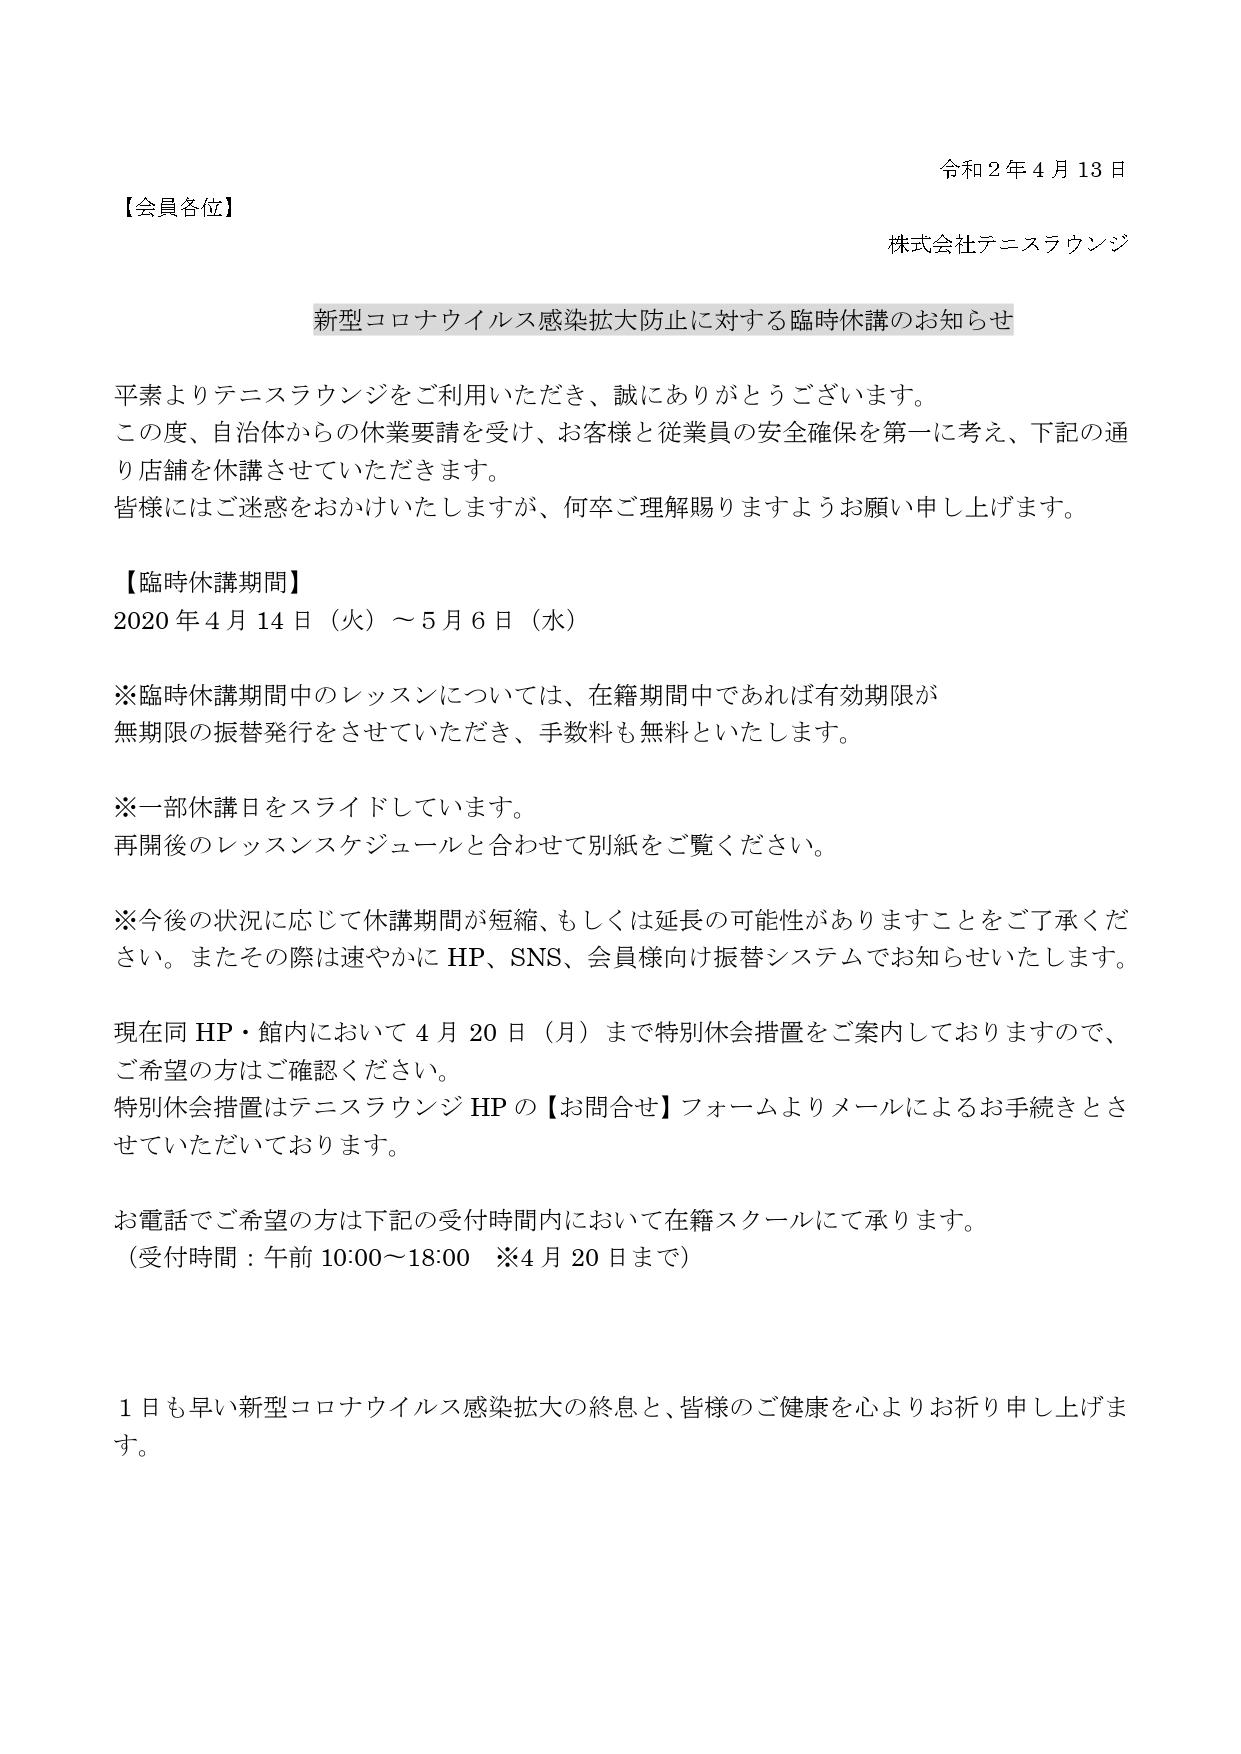 【大阪府】新型コロナウイルス感染拡大防止に対する臨時休講のお知らせ